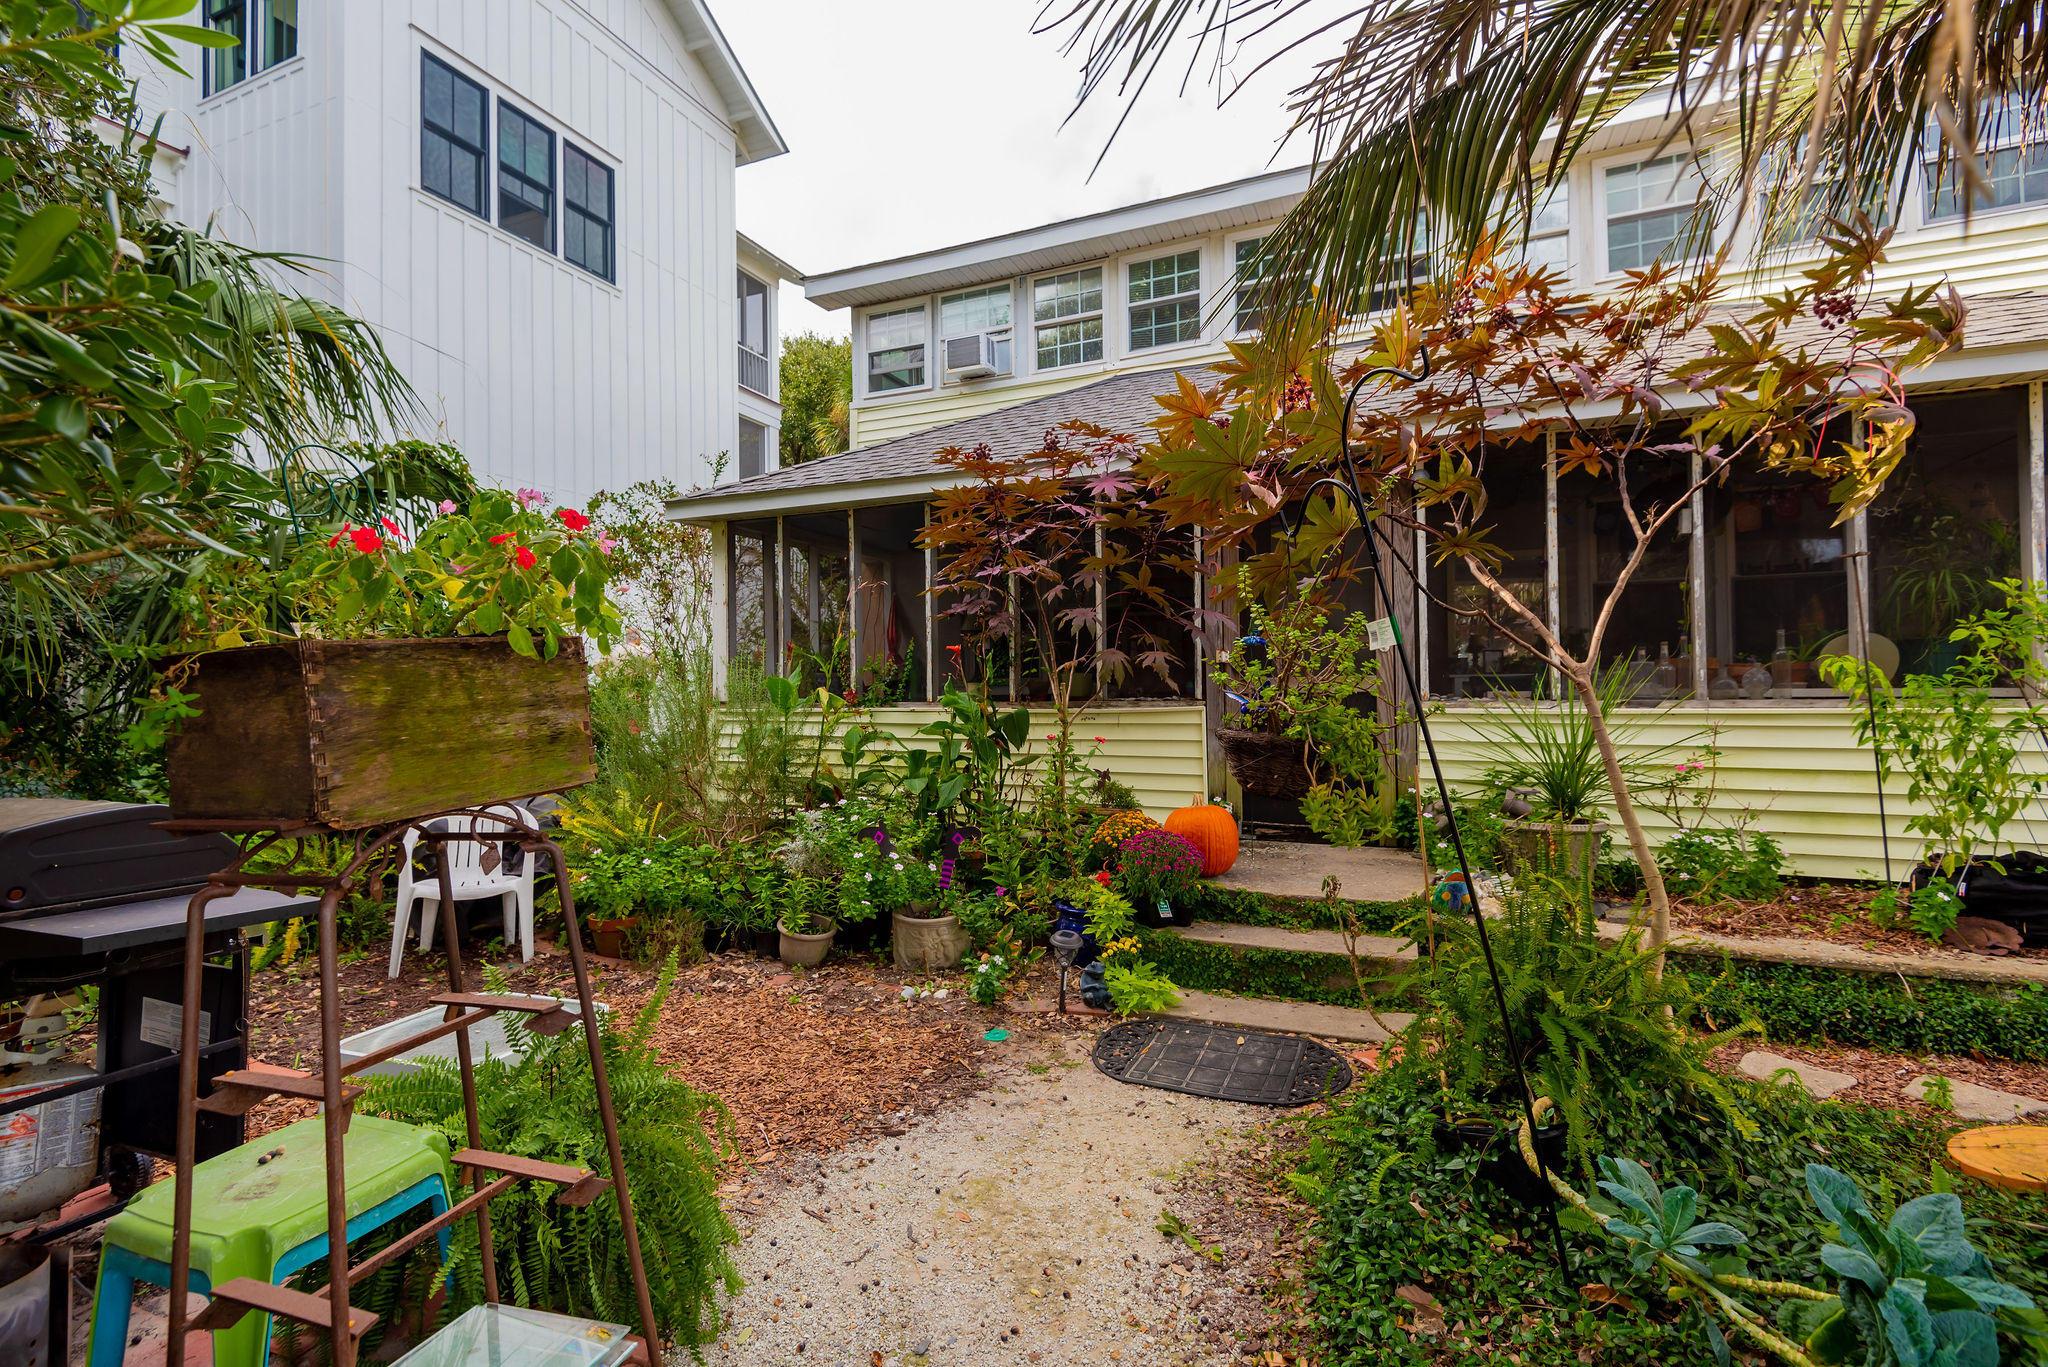 Folly Beach Homes For Sale - 504 Ashley, Folly Beach, SC - 0